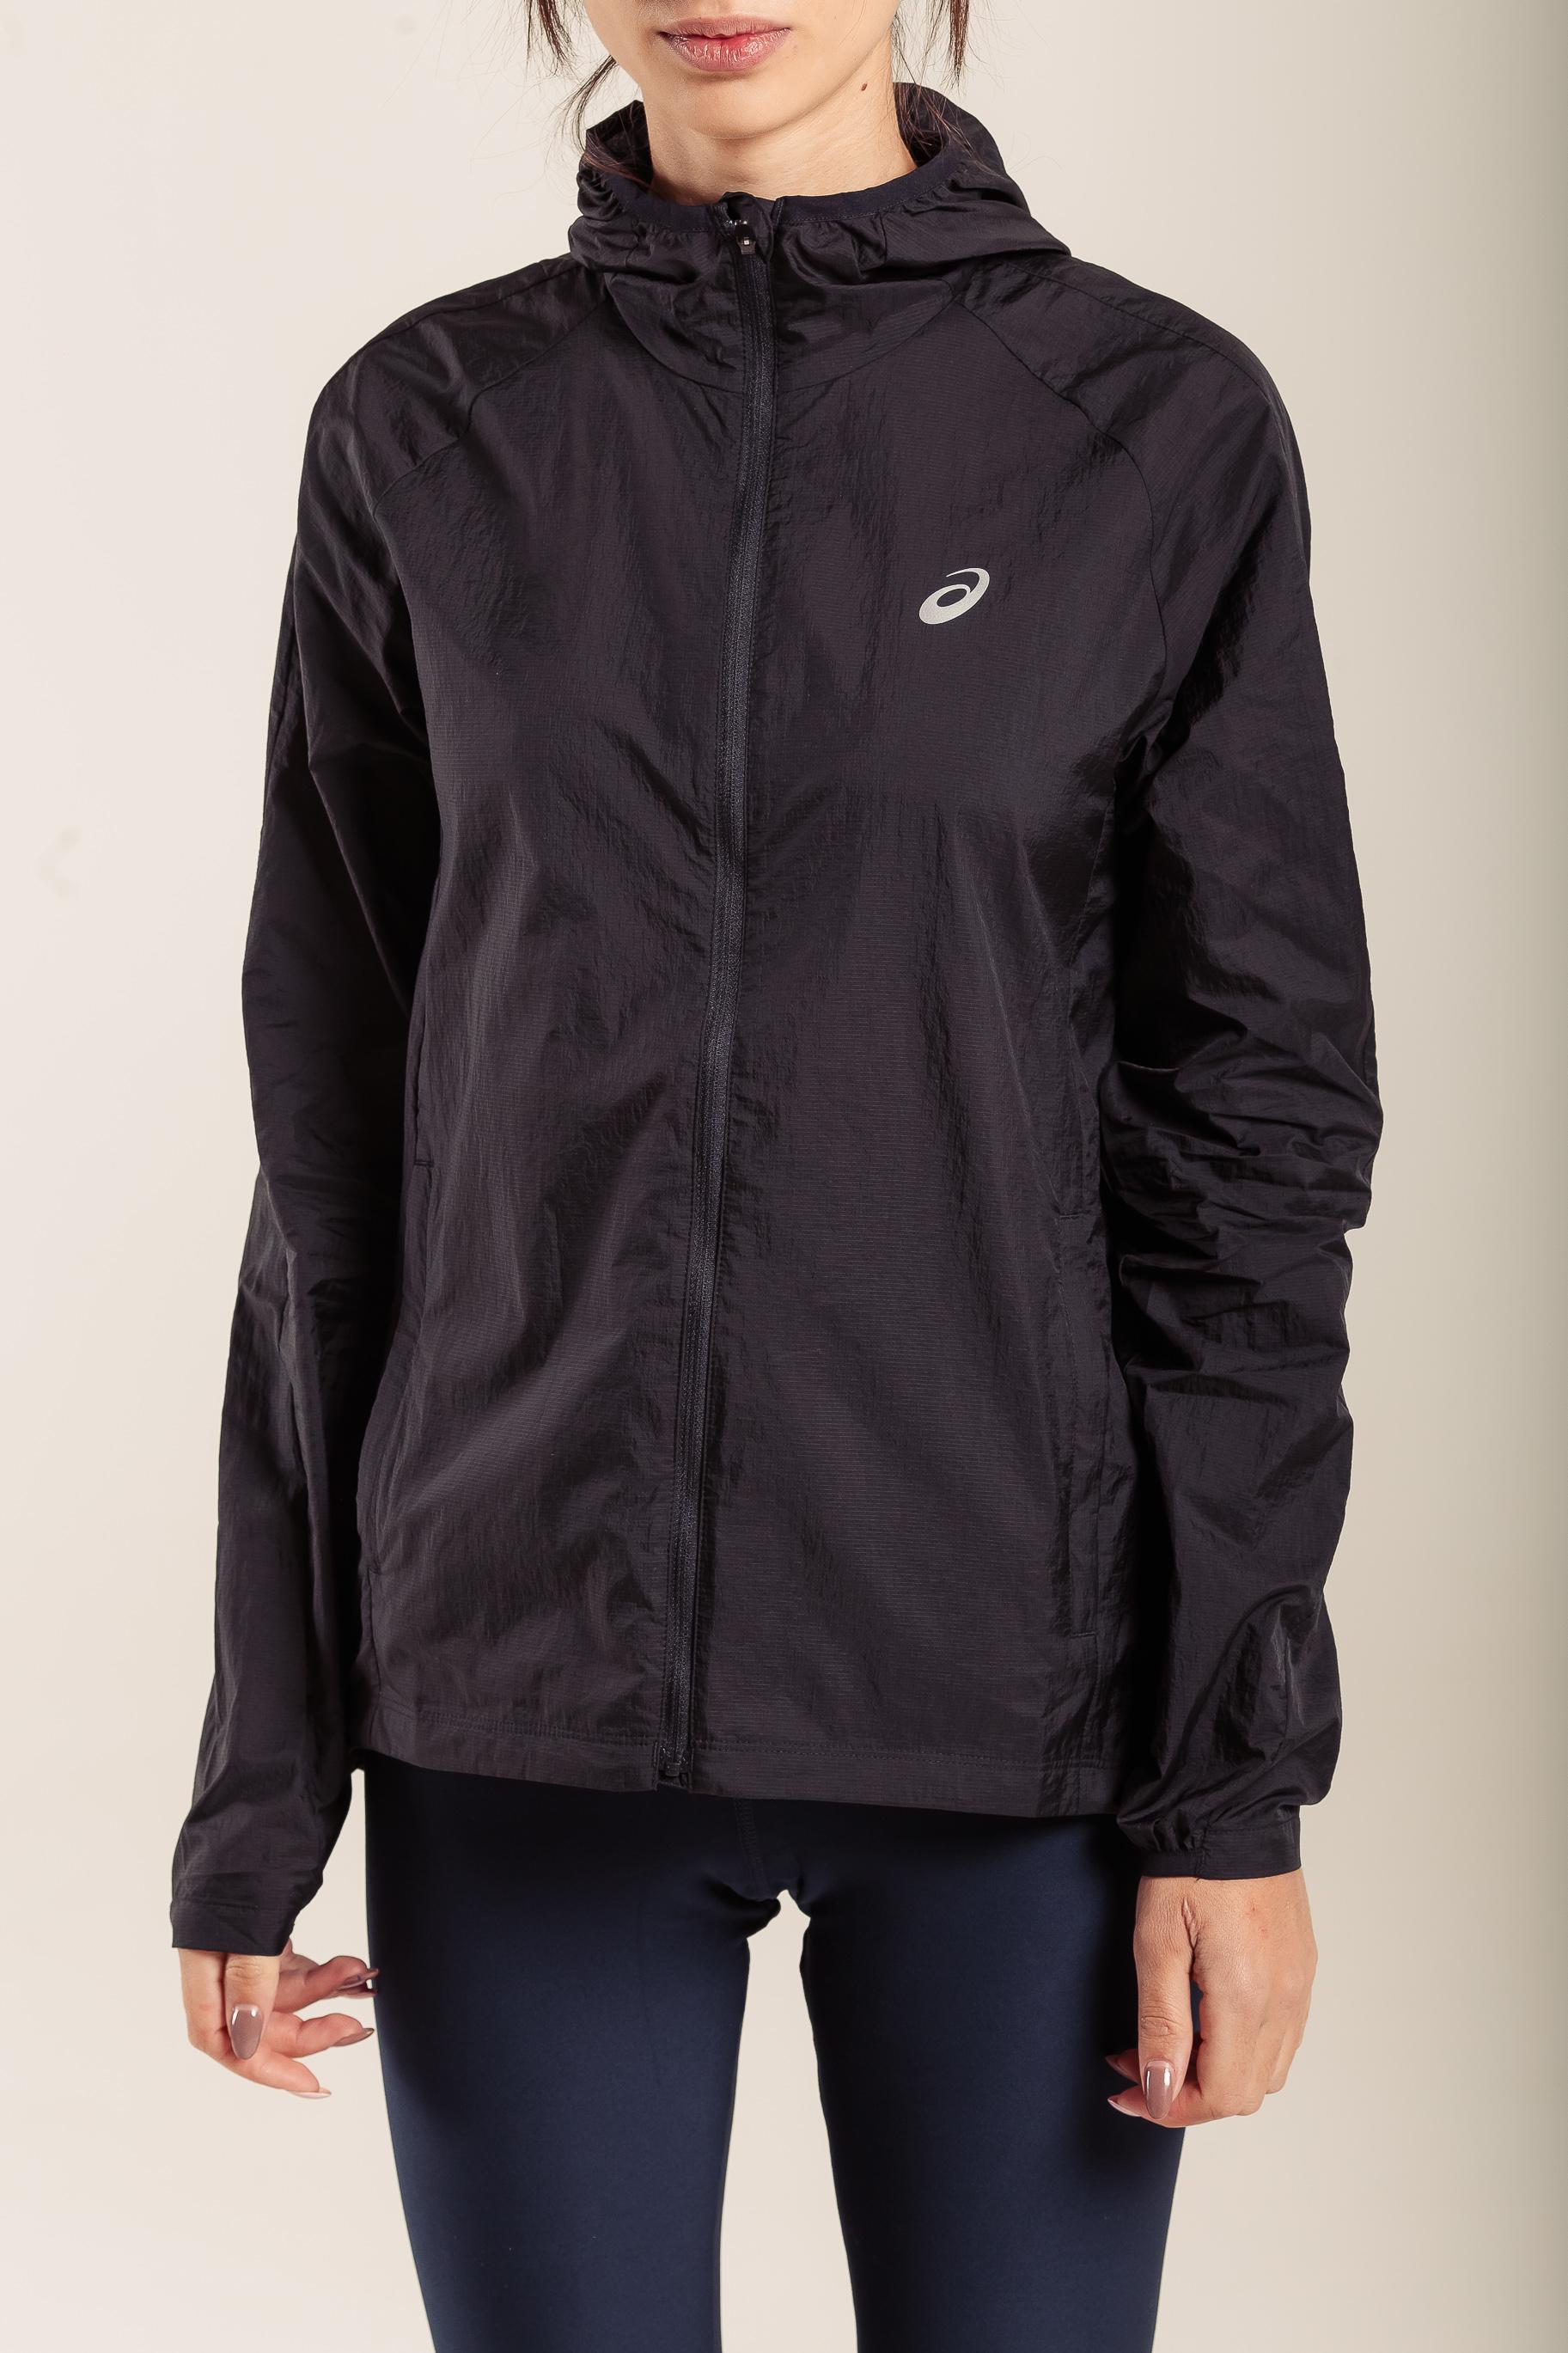 Куртка ASICS Sport (4644) photo